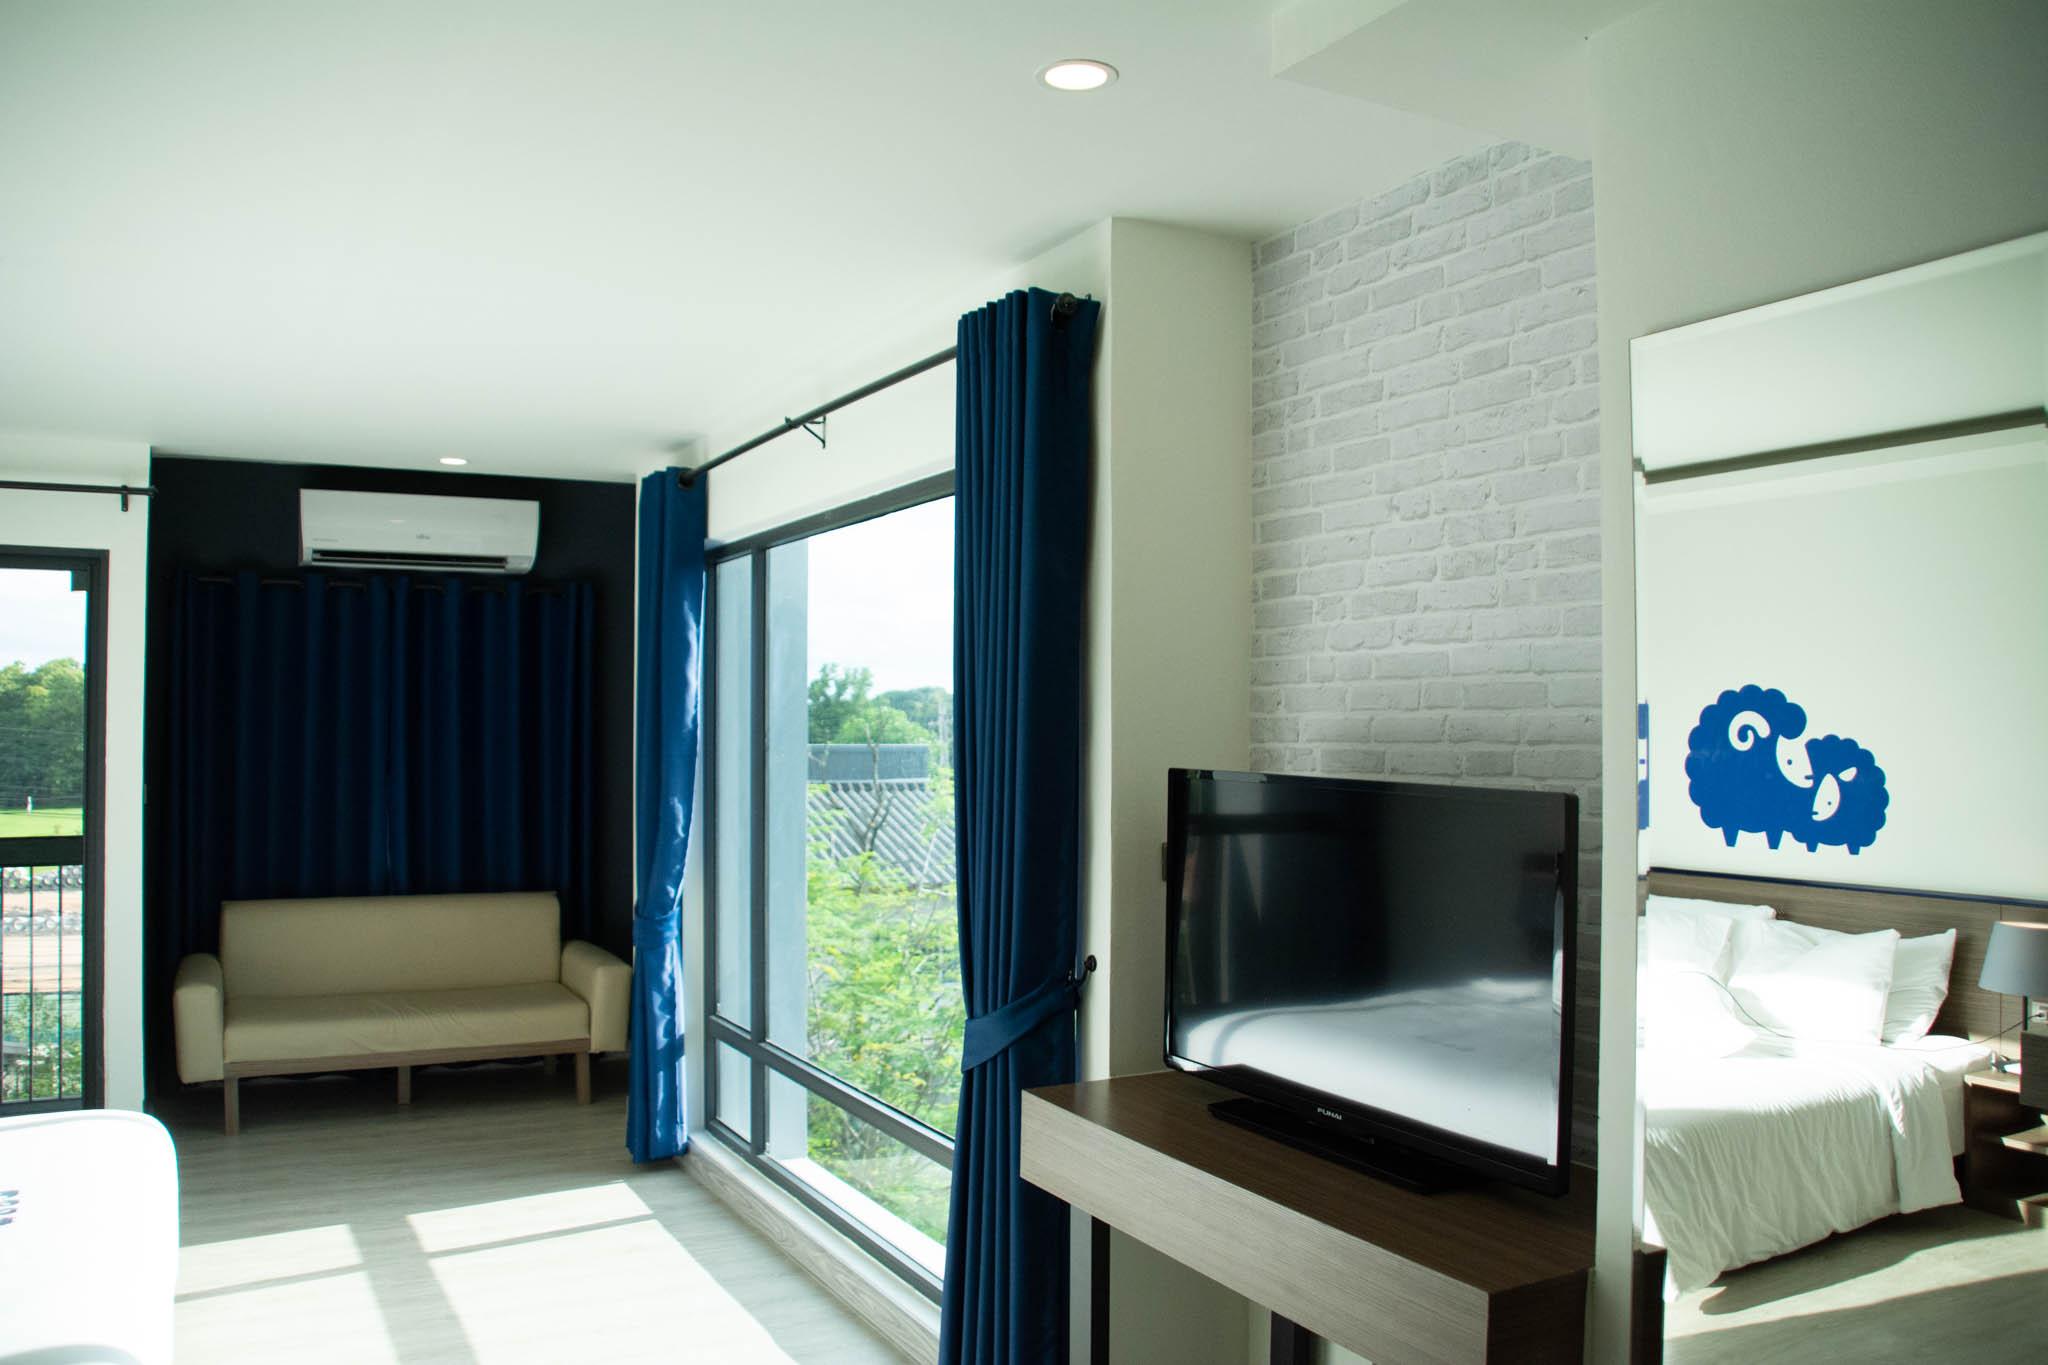 เที่ยวเชียงใหม่ พักโรงแรม โคโคเทล เชียงใหม่ Kokotel Chiang Mai Nimman ห้องพักวิวดี เห็นดอยสุเทพ